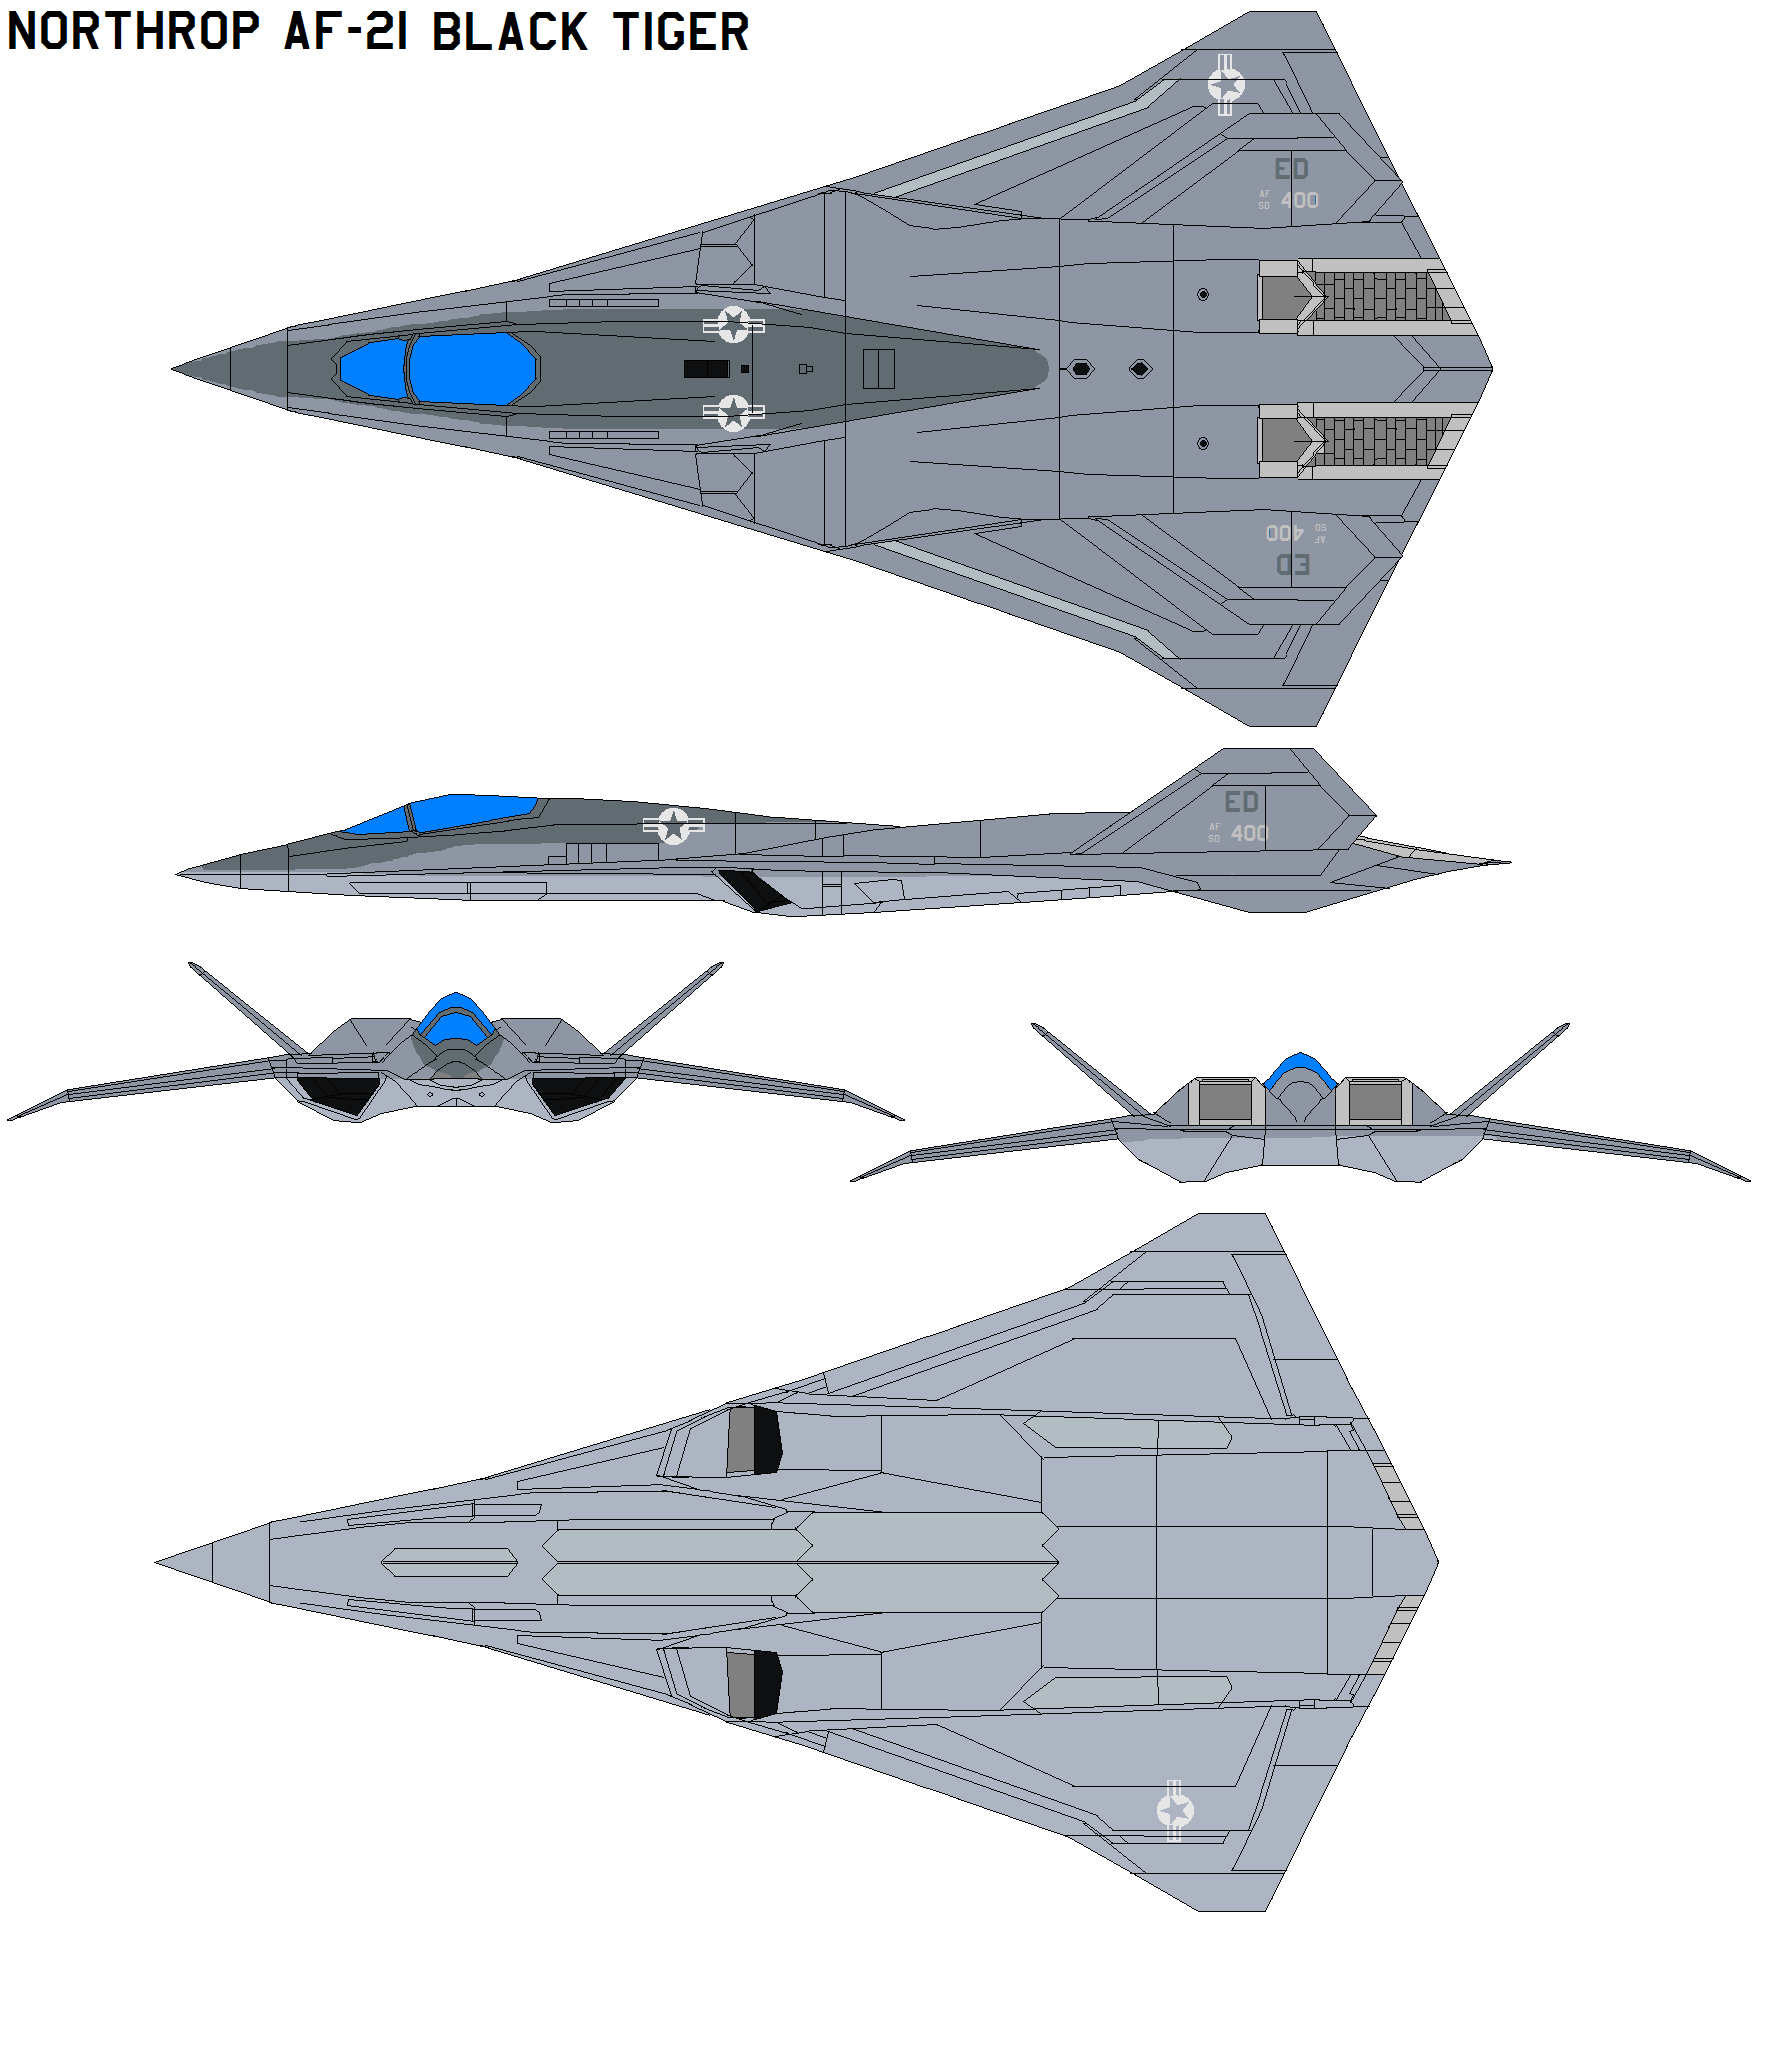 Northrop AF-21 Black tiger by bagera3005